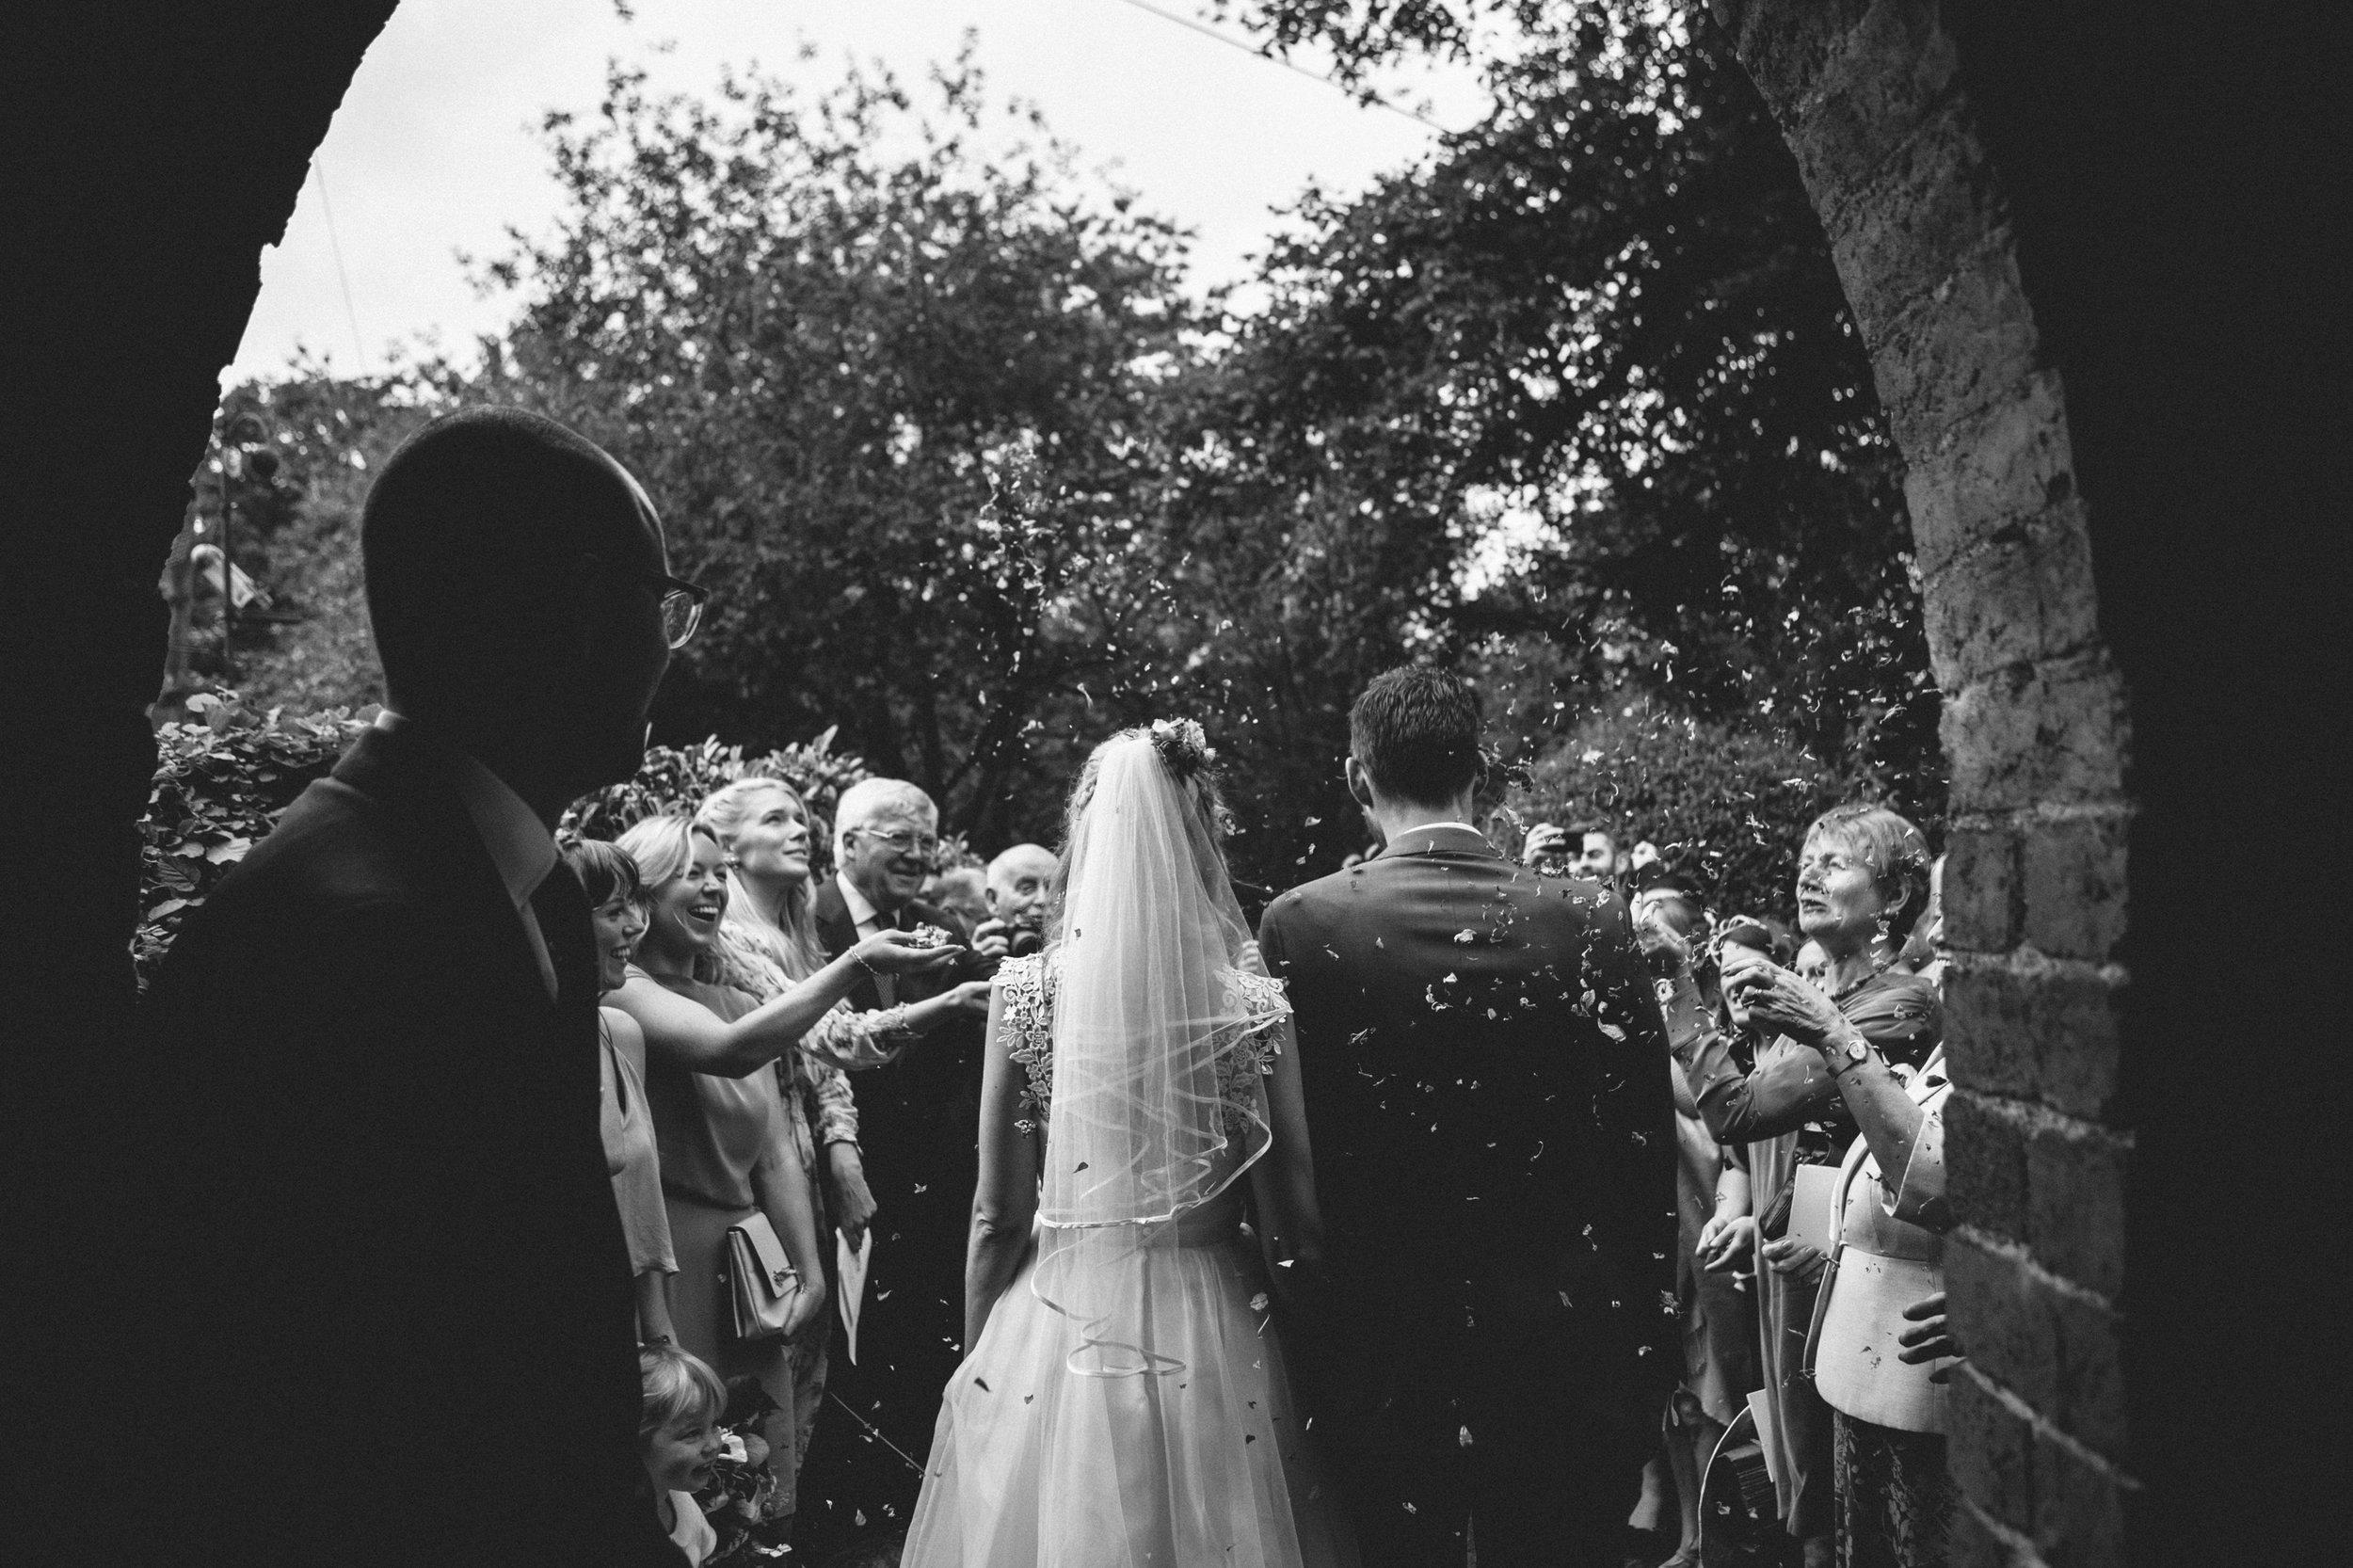 uk wedding photographer artistic wedding photography-72.jpg